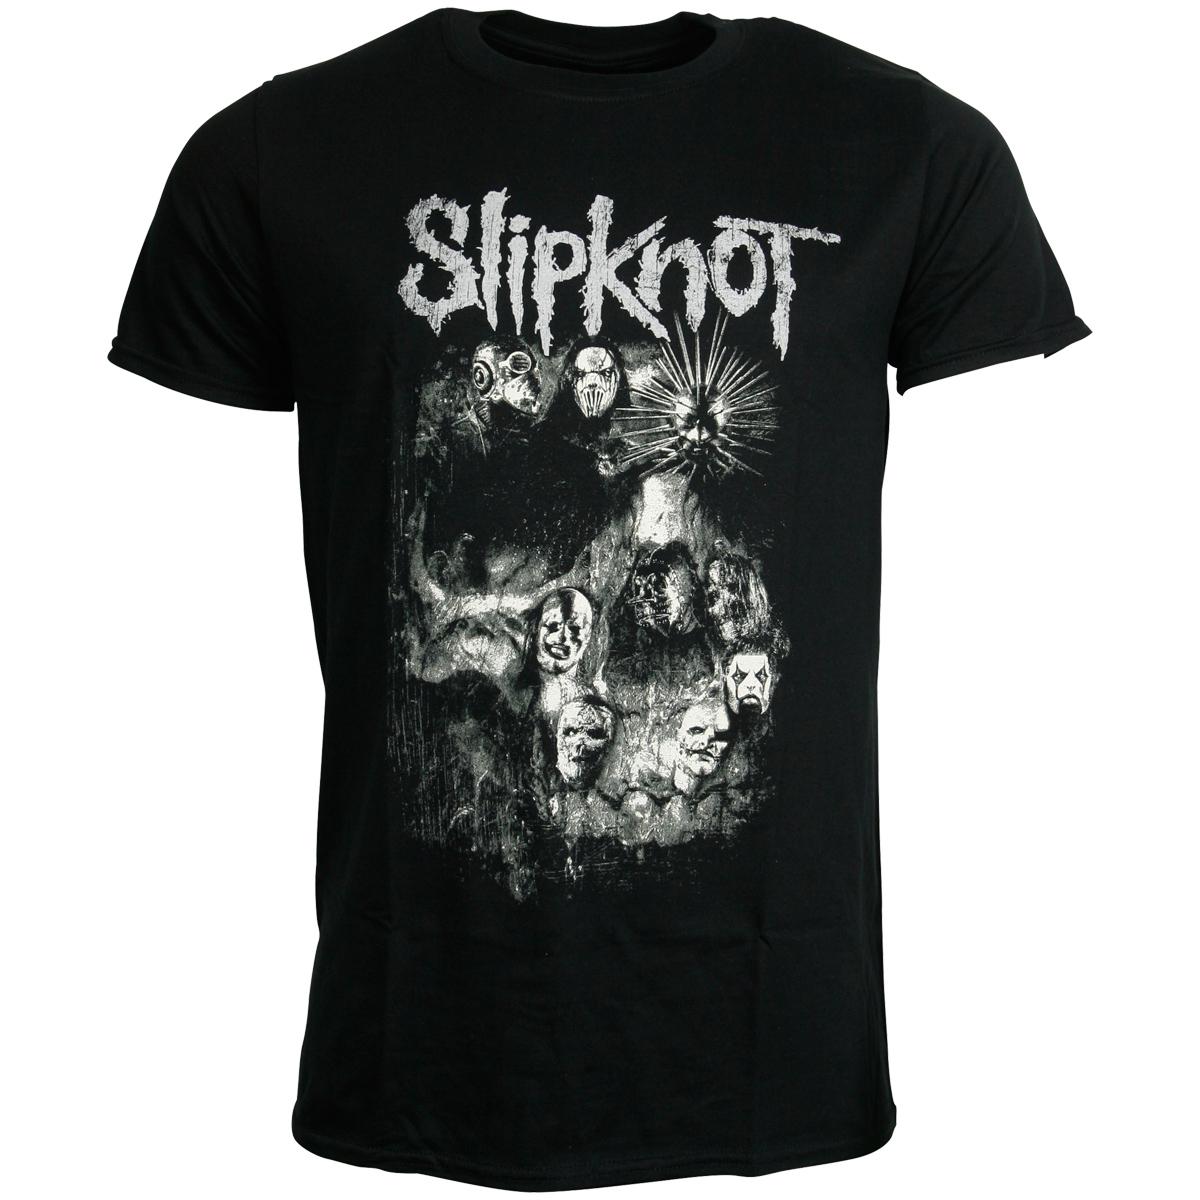 Slipknot - T-Shirt Skull Group - schwarz